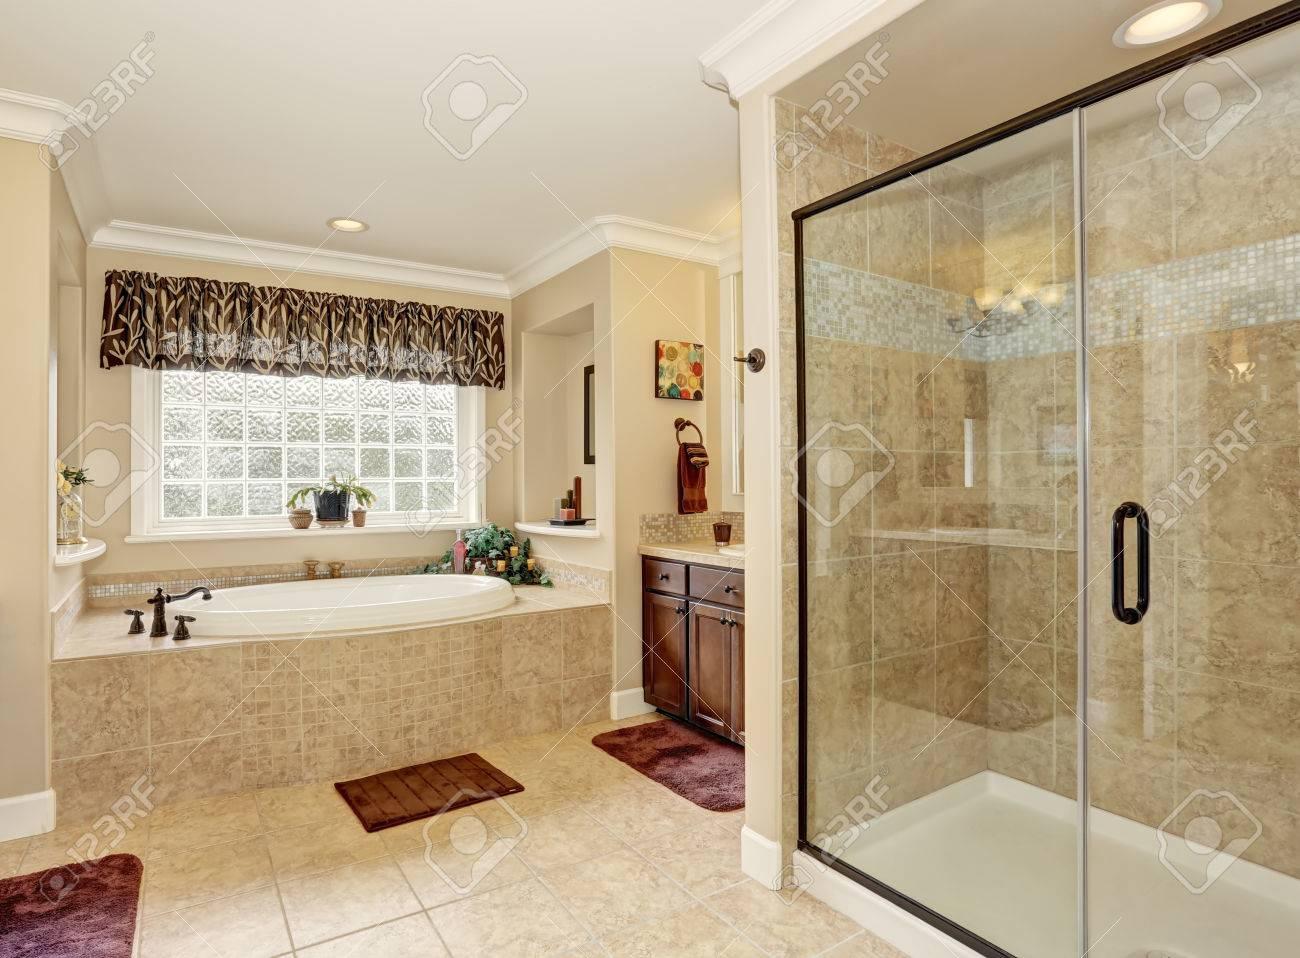 diseño del baño principal con baldosas de color beige. vista de la